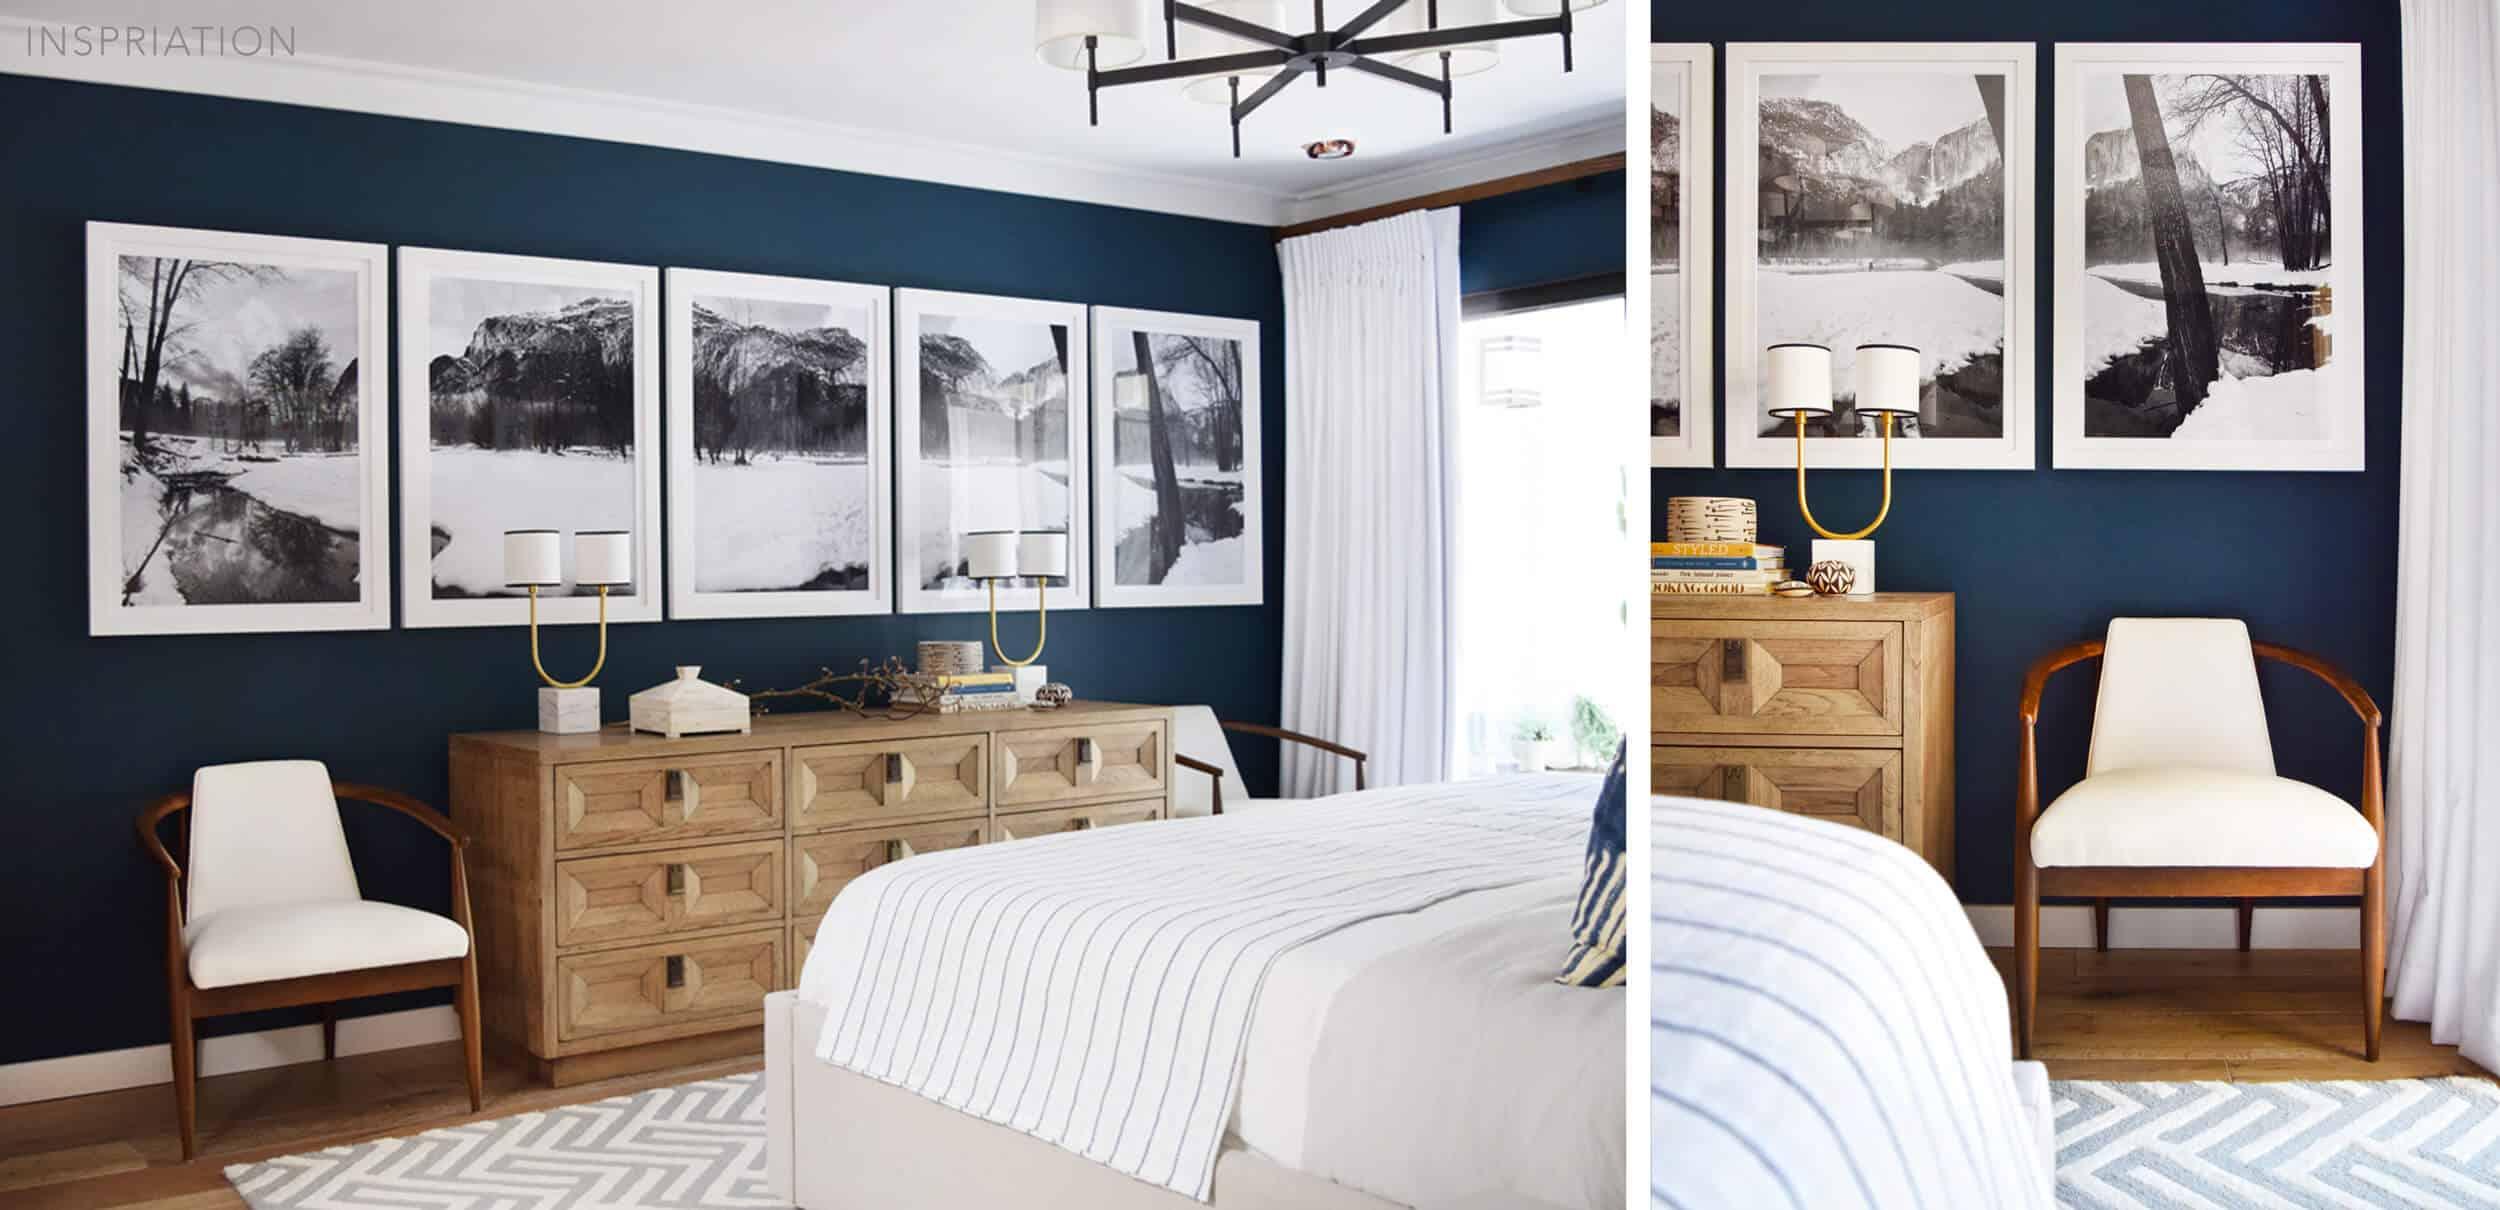 orlando-guest-bedroom-2